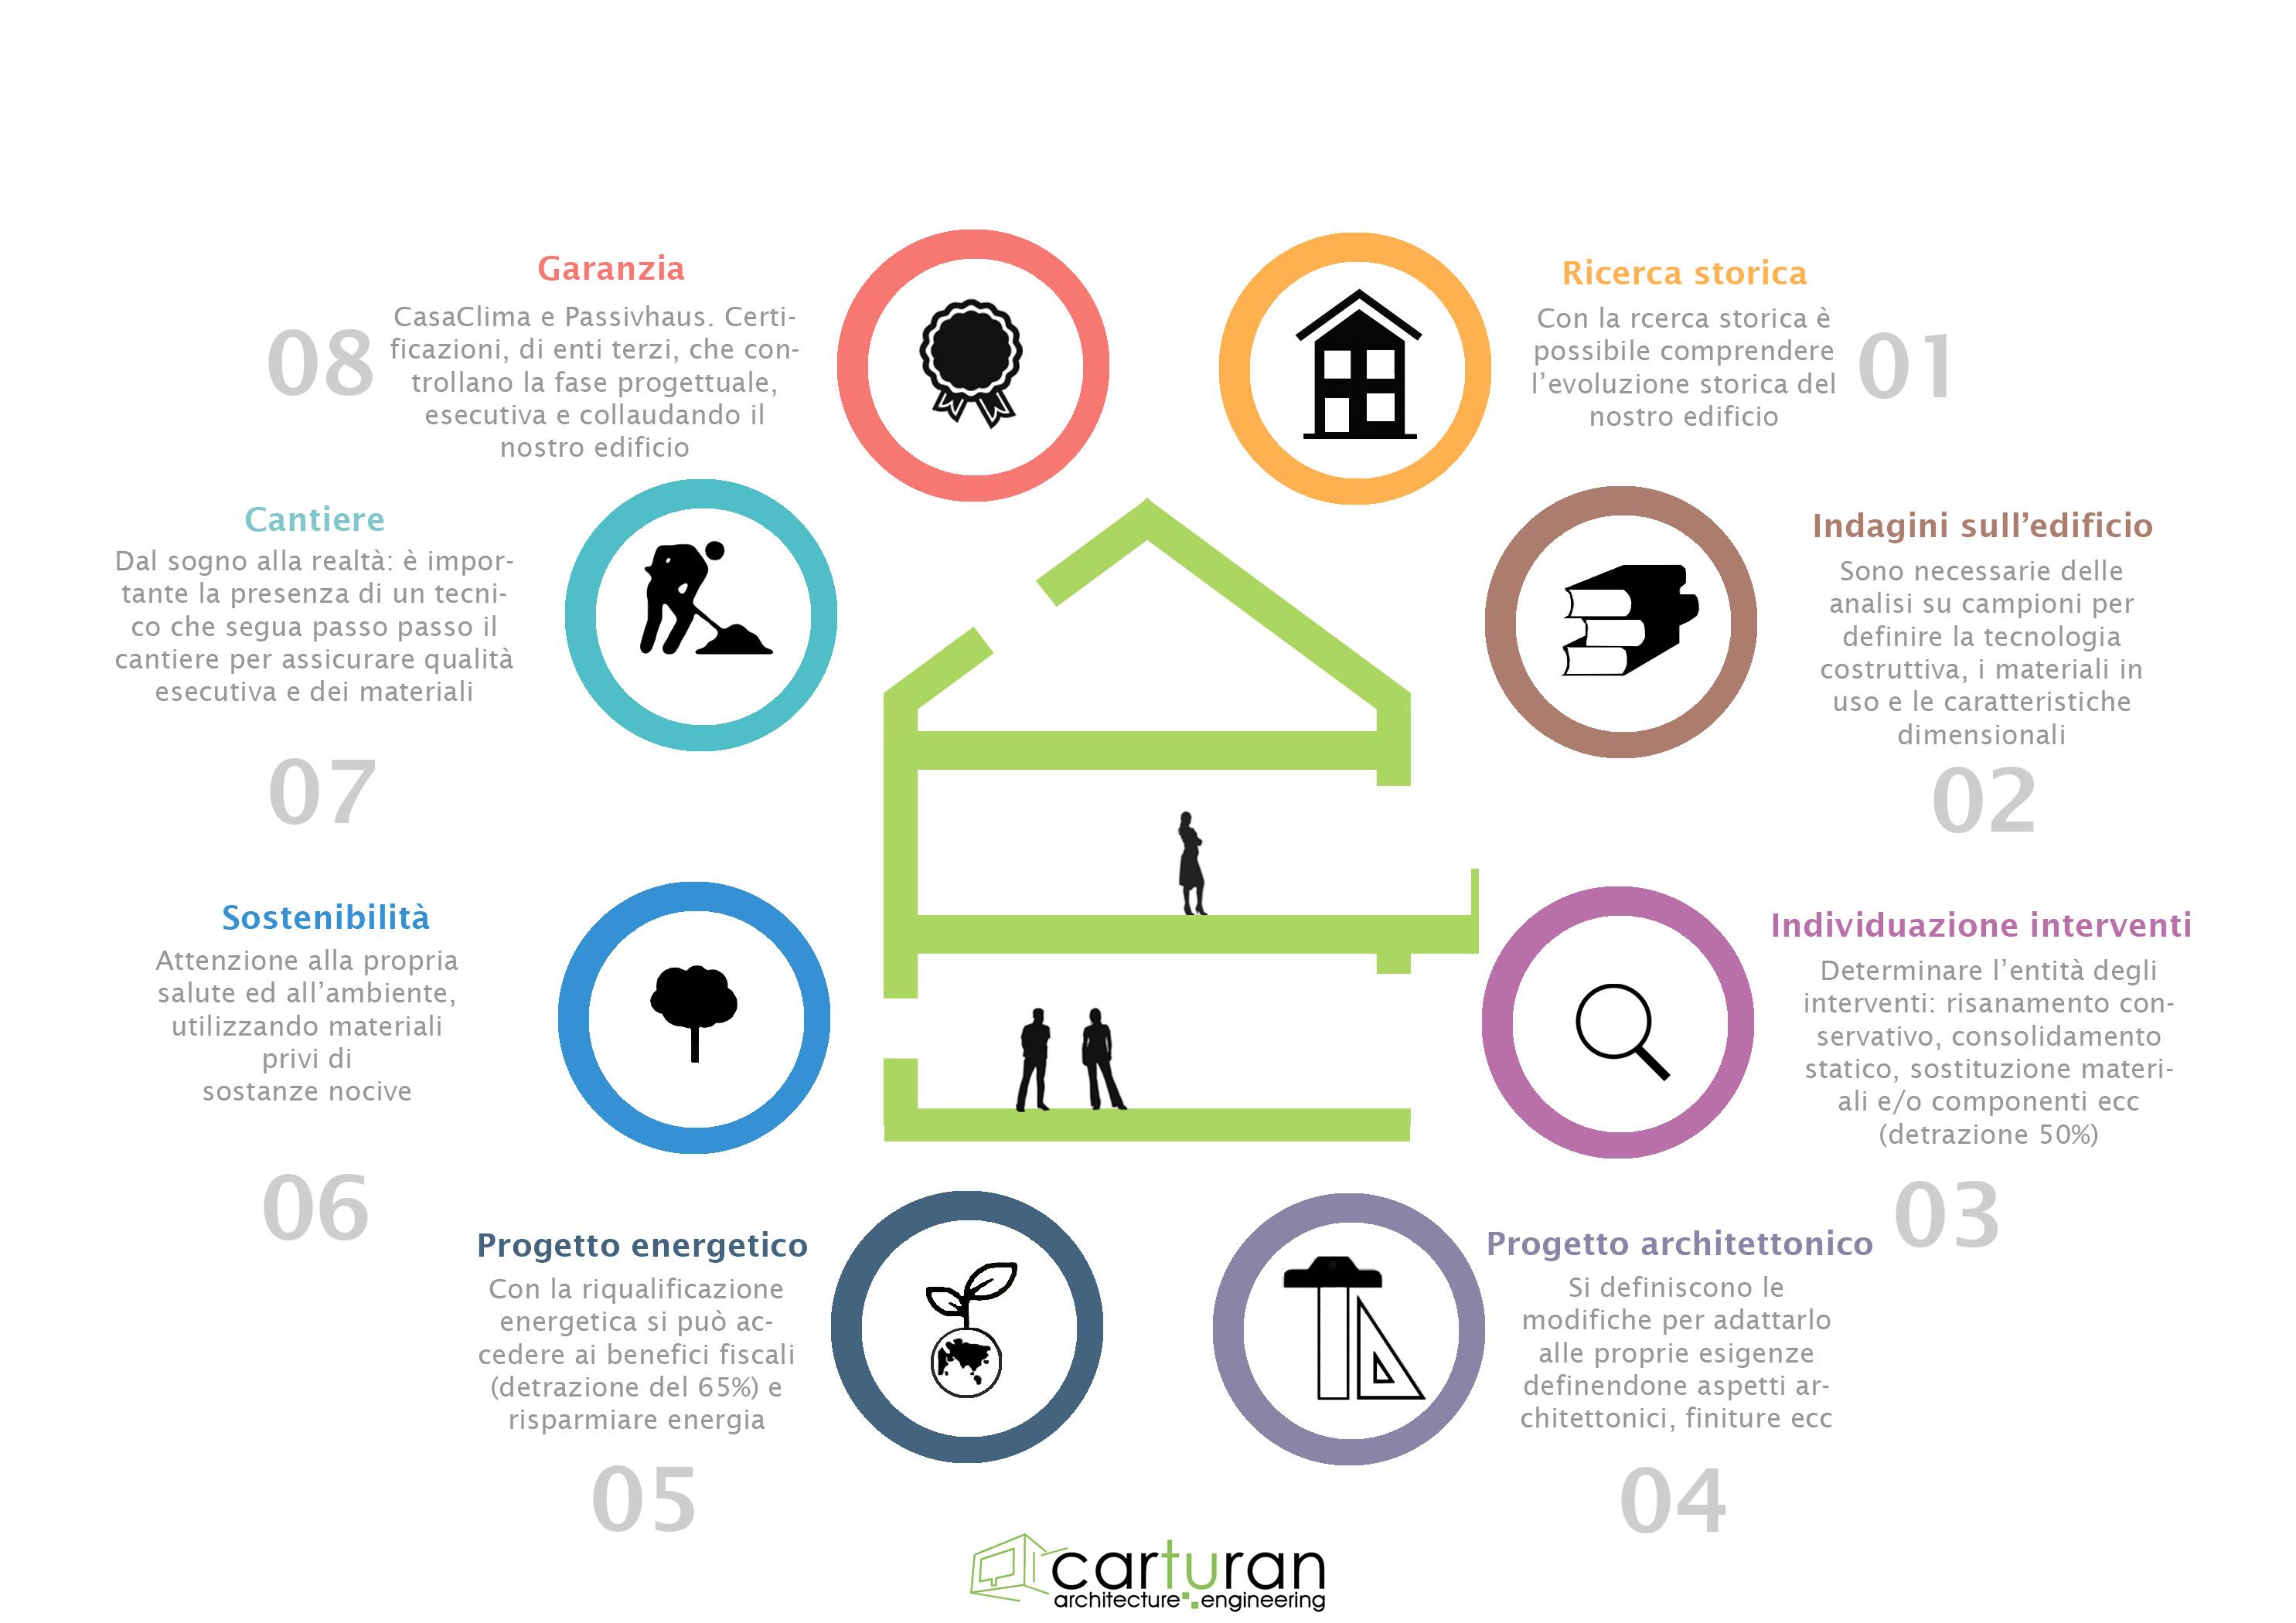 8 cose da fare per ristrutturare casa studio carturan - Vorrei ristrutturare casa ...